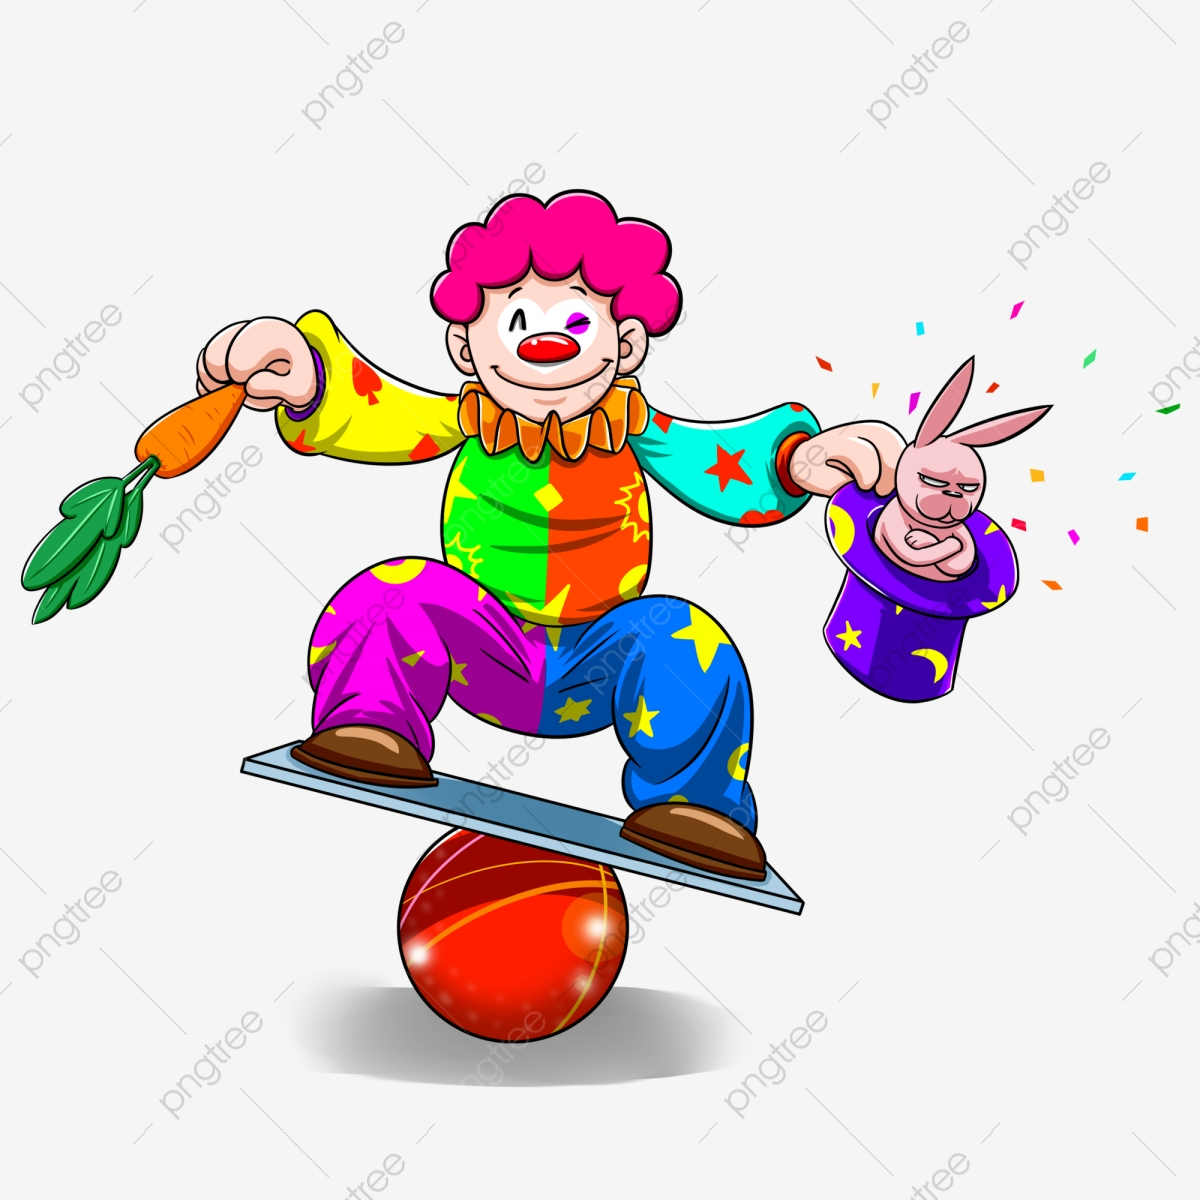 Dessin Anime Mignon Clown Poisson D Avril Clipart De Clown Dessin Anime Mignonne Fichier Png Et Psd Pour Le Telechargement Libre